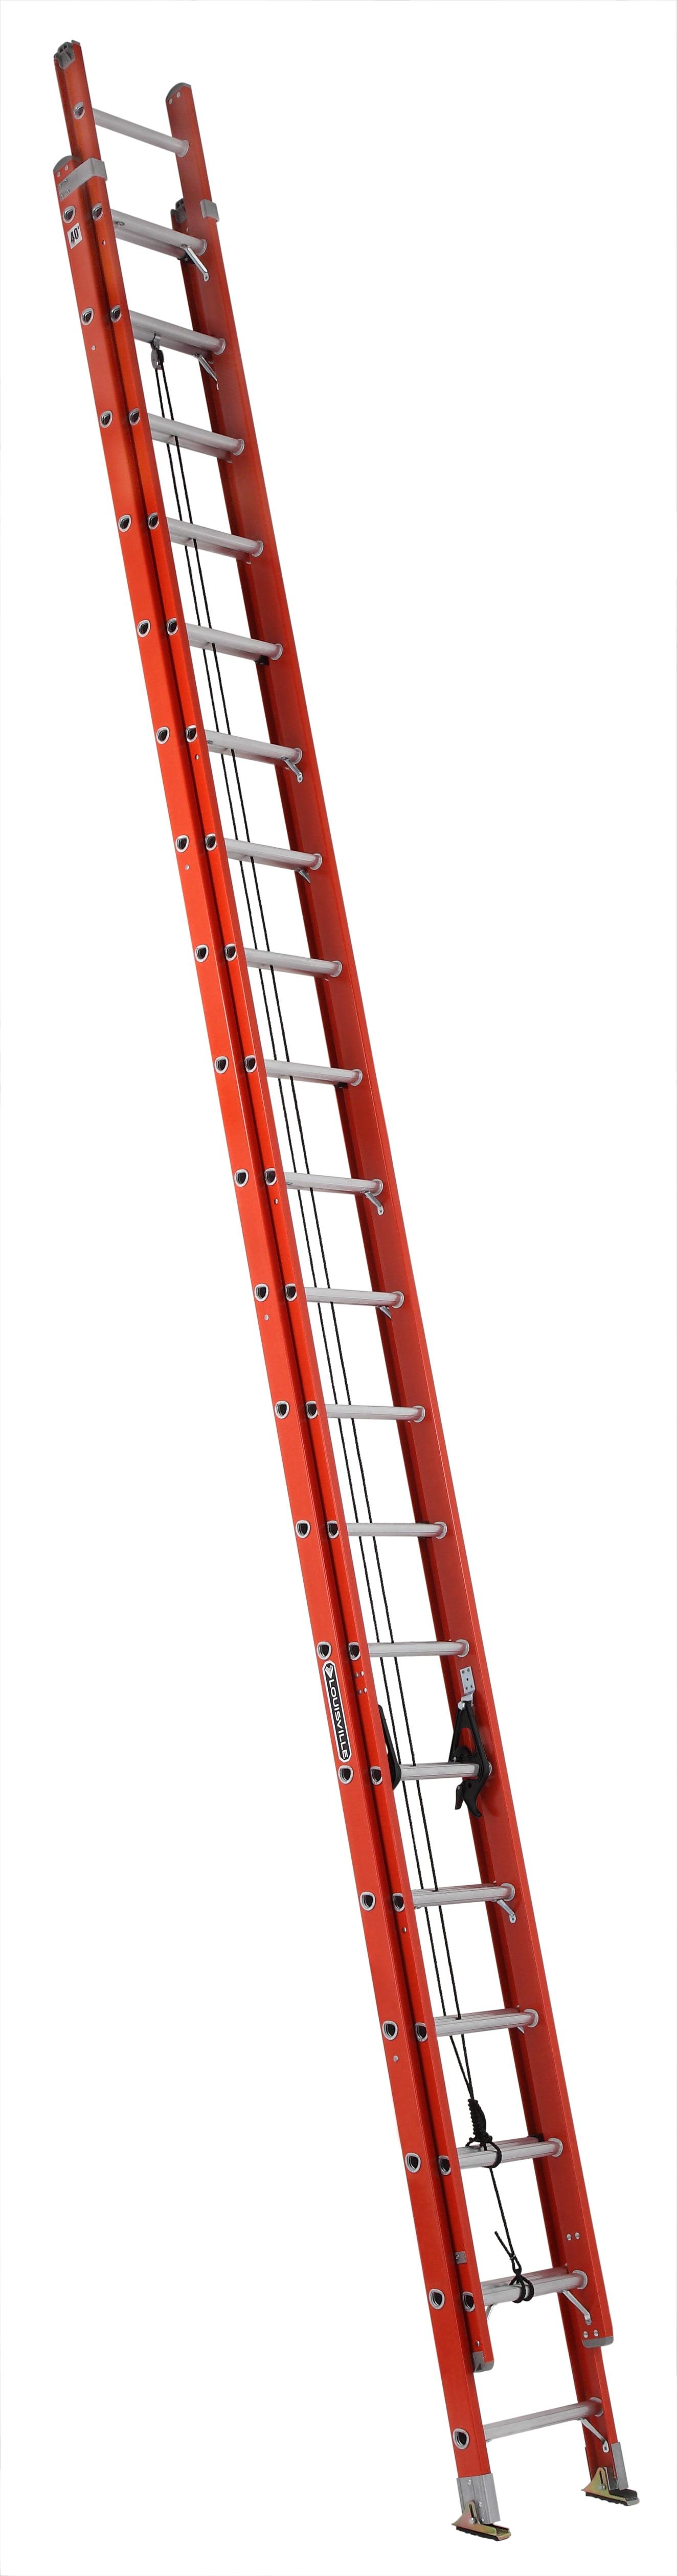 """Louisville Ladder FE3240 40 ft. Fiberglass """"D"""" Rung Extension Ladder, Type IA,... by Louisville Ladder"""